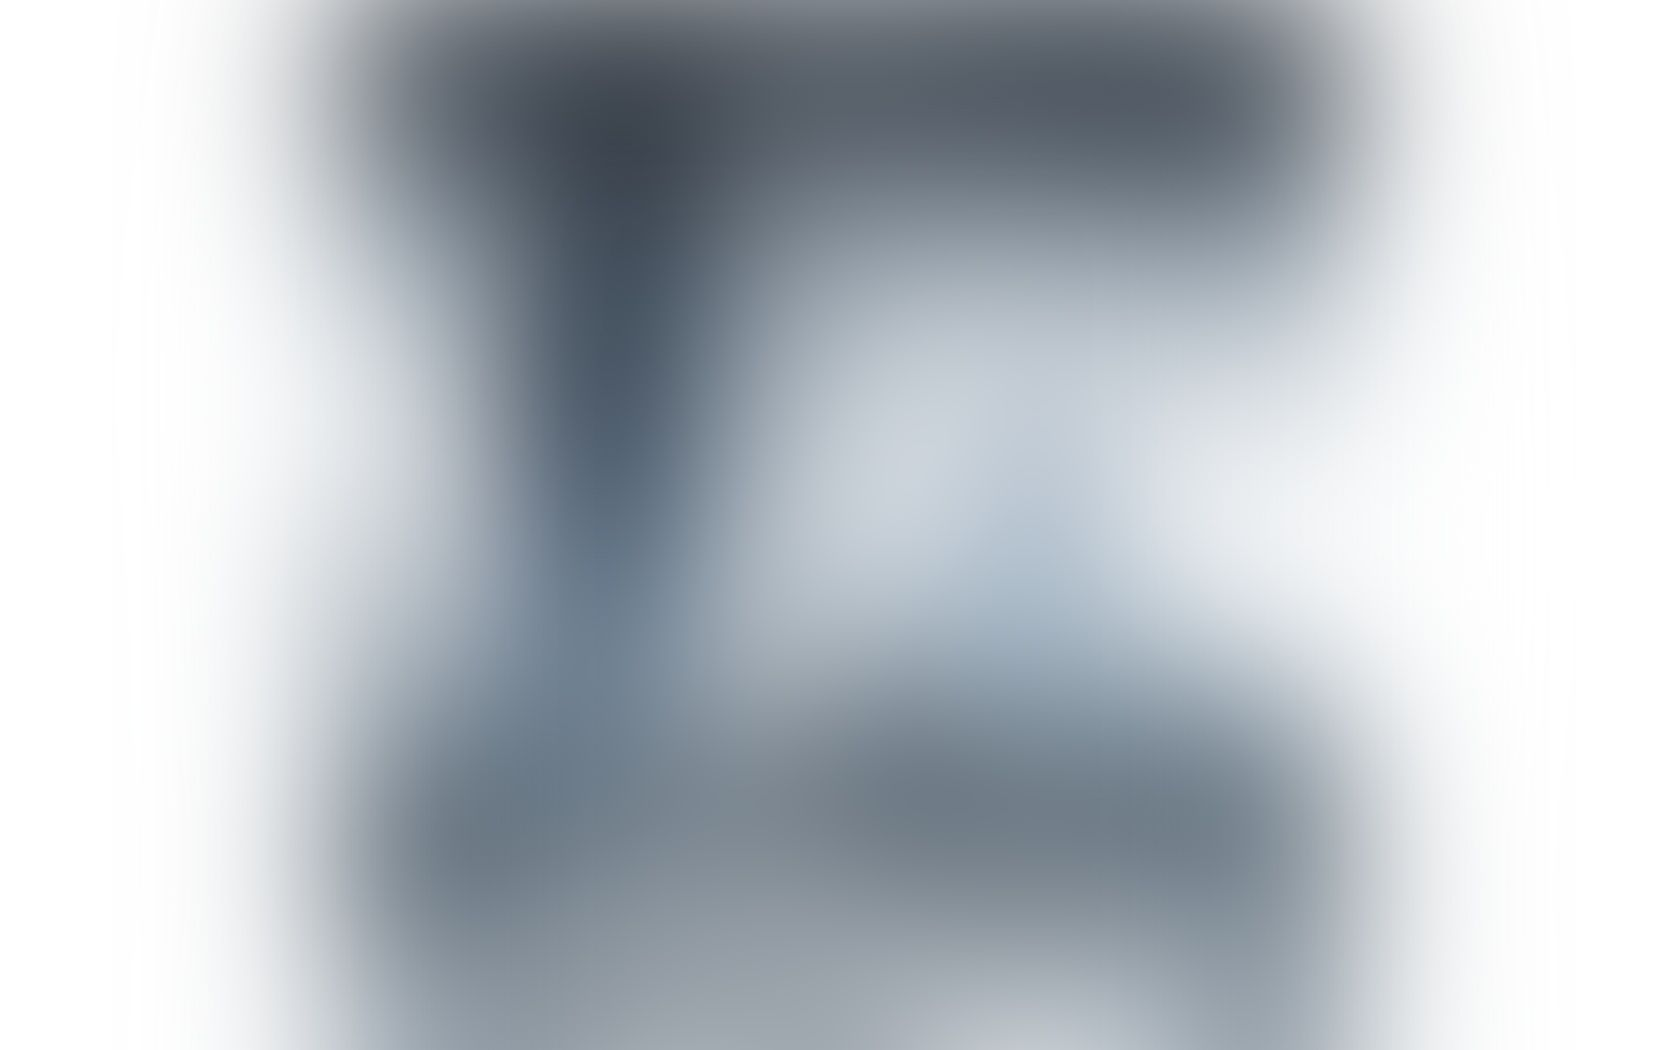 ios7-theme.jpg (1680×1050)